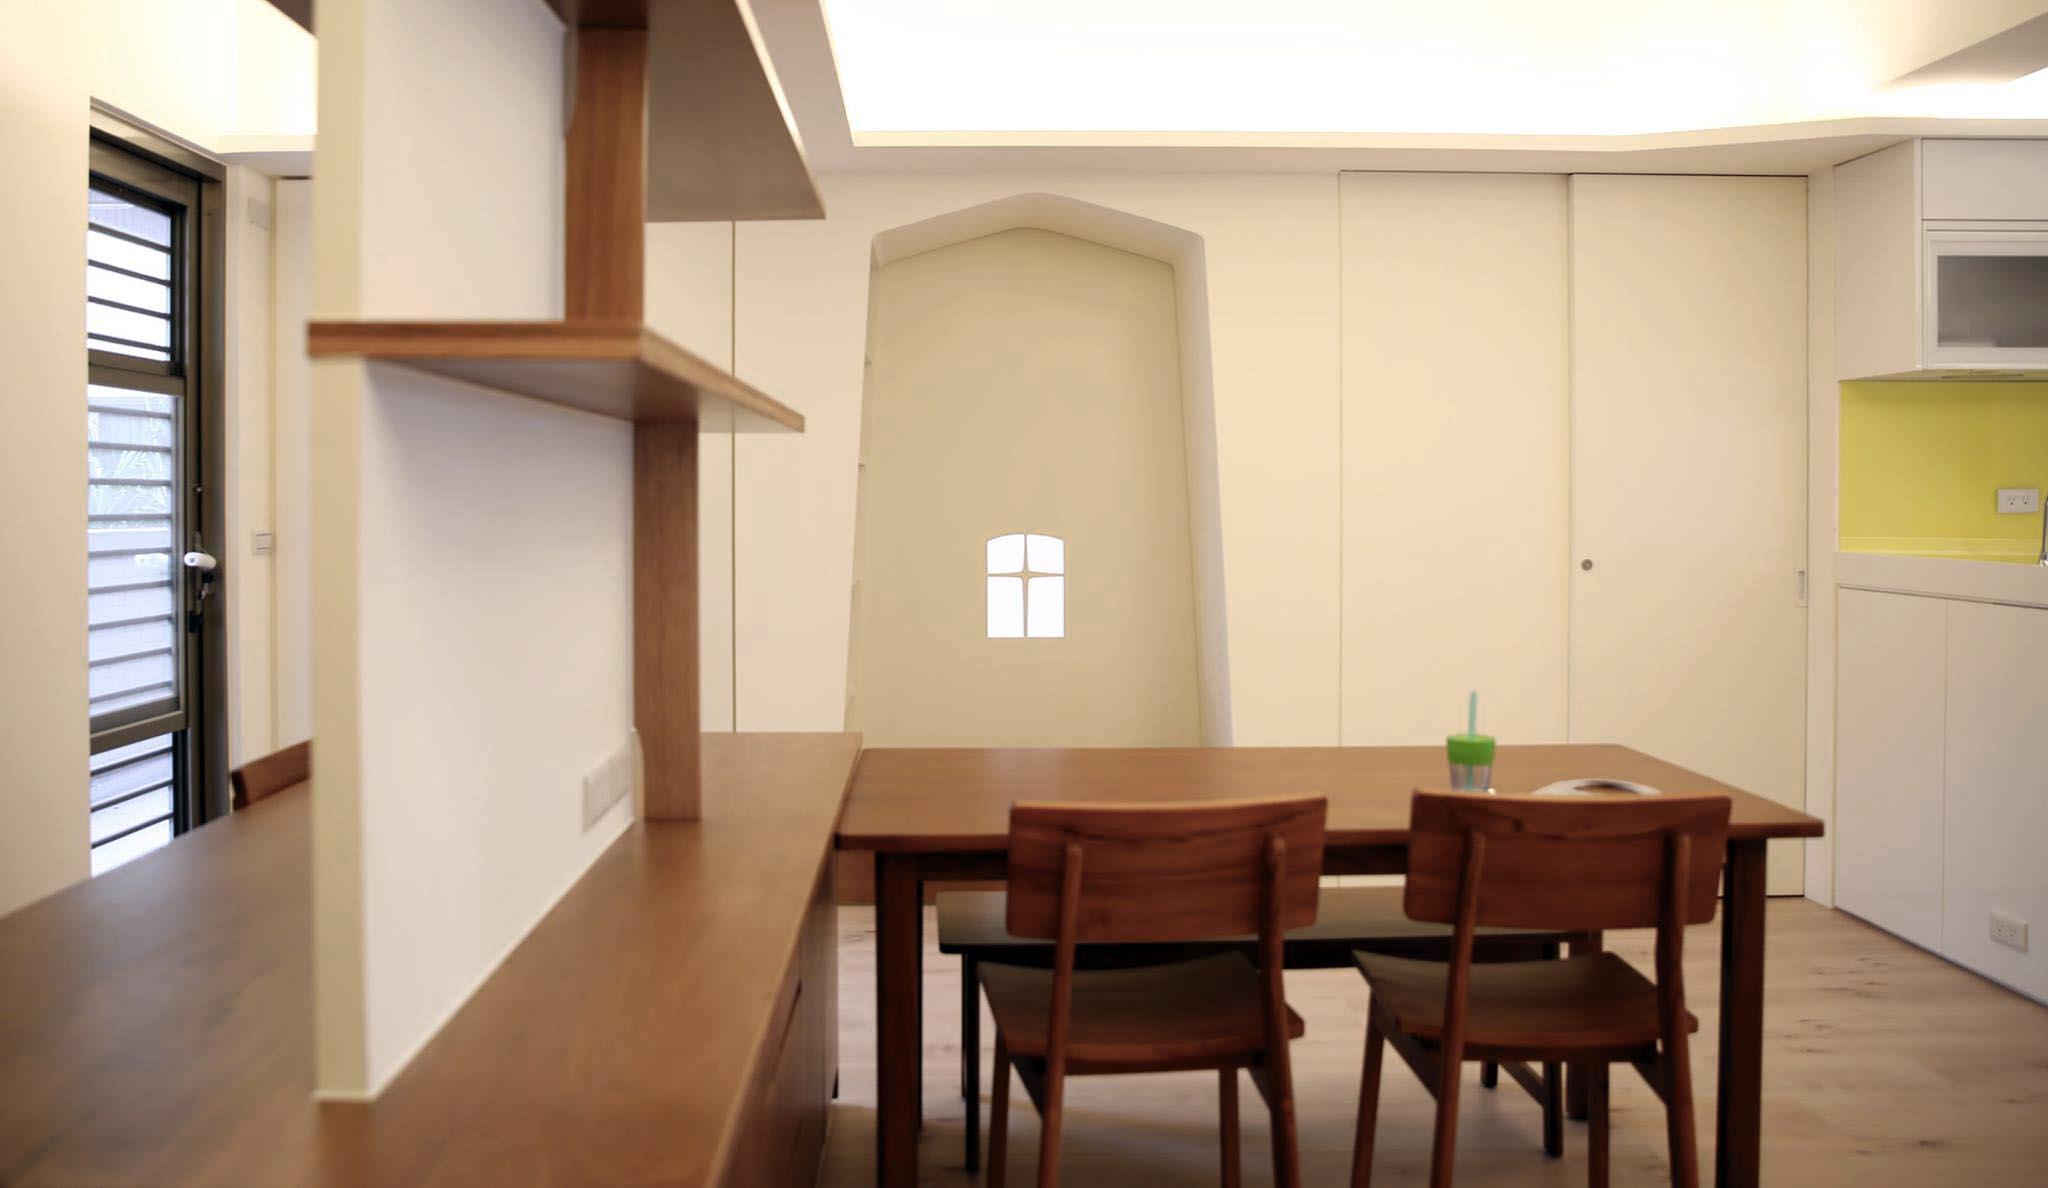 從玄關看餐廳與孩臥入口門洞 餐廳往後陽台走是閱讀區